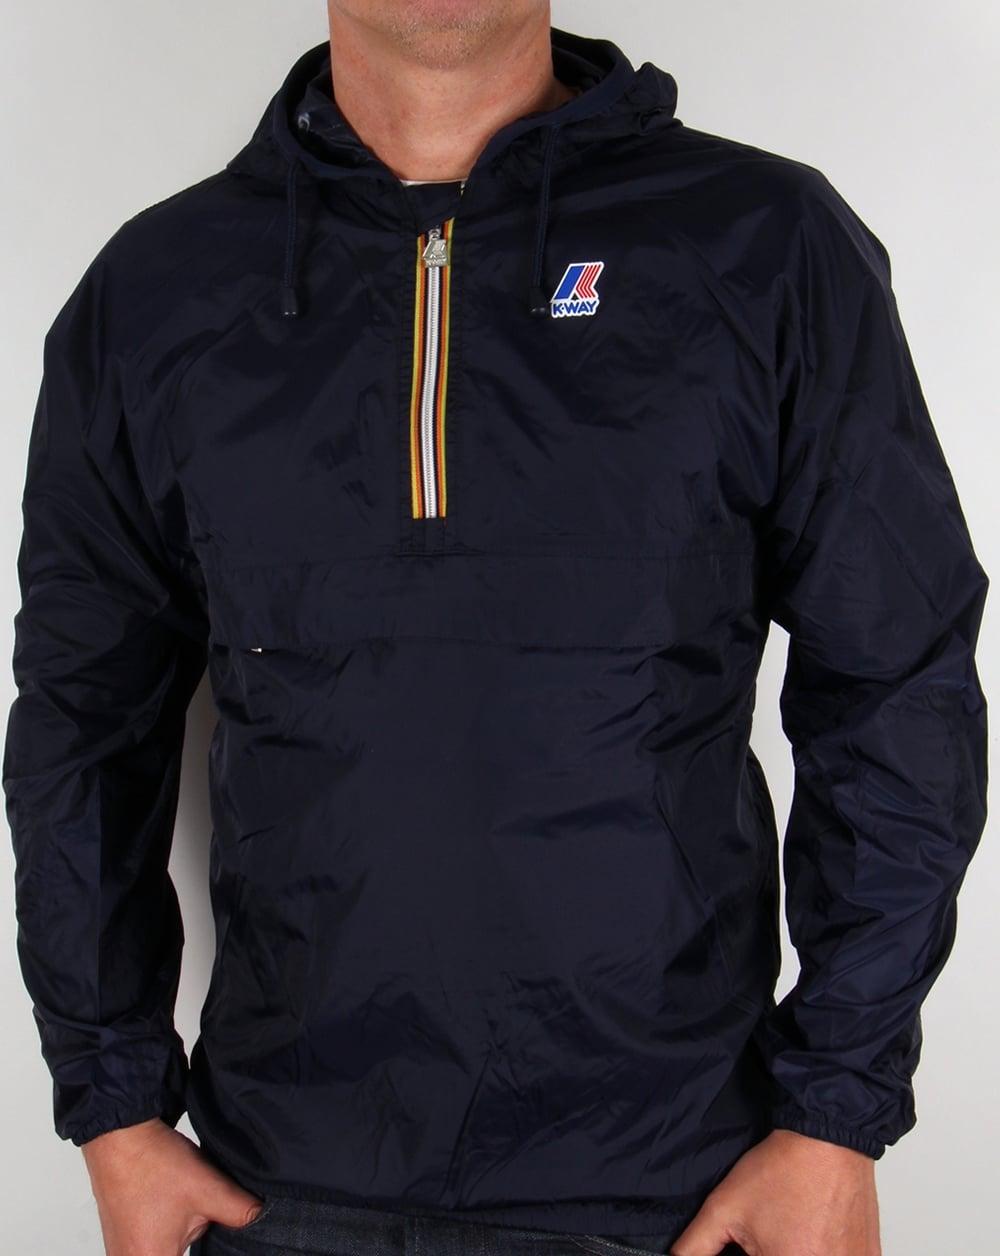 K-way Leon Half Zip Rainproof Jacket Navycoatpac A Macmens